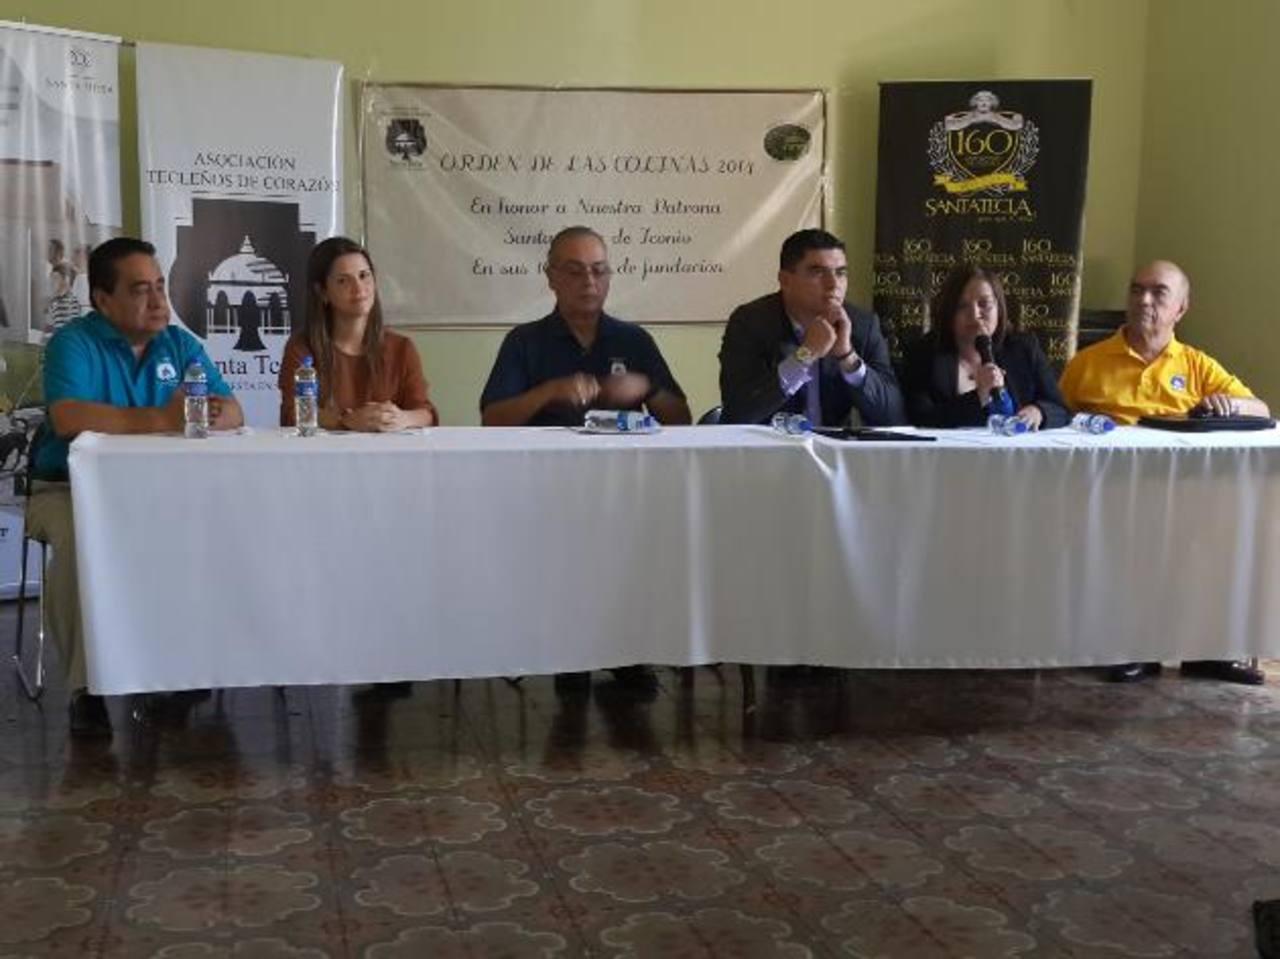 De izquierda a derecha, Orlando Morán, Gabriela Castillo, Jerry Smith, Carlos Palma, Lourde de Campos y Julio Rivas Gallont presidieron la conferencia. Foto EDH / CORTESÍA